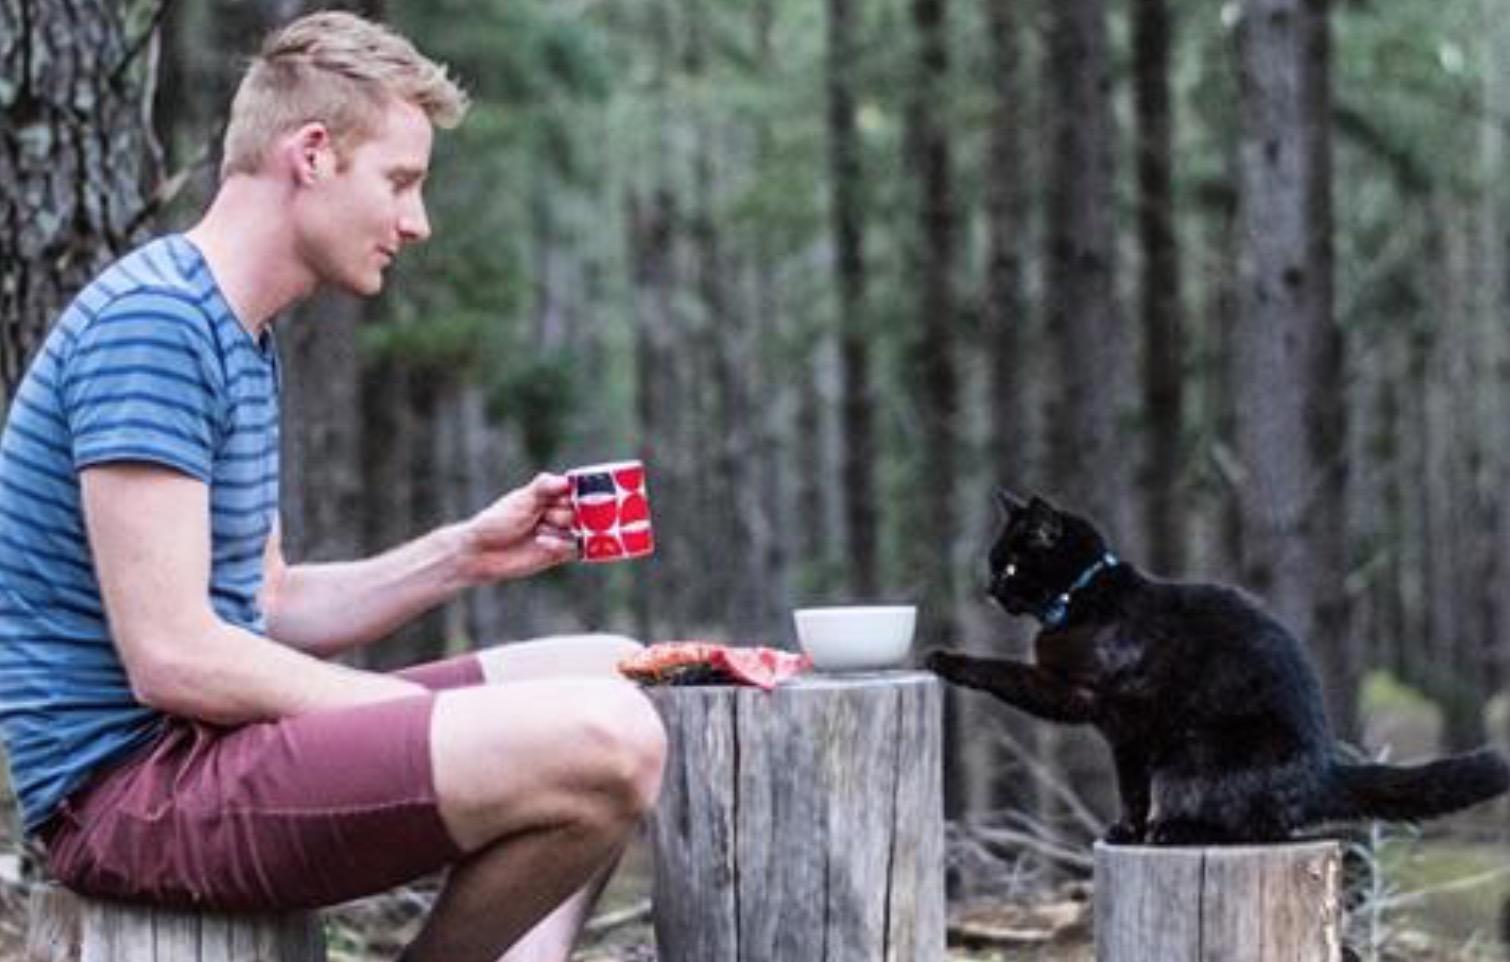 cet homme a tout quitt pour partir l 39 aventure avec son chat. Black Bedroom Furniture Sets. Home Design Ideas